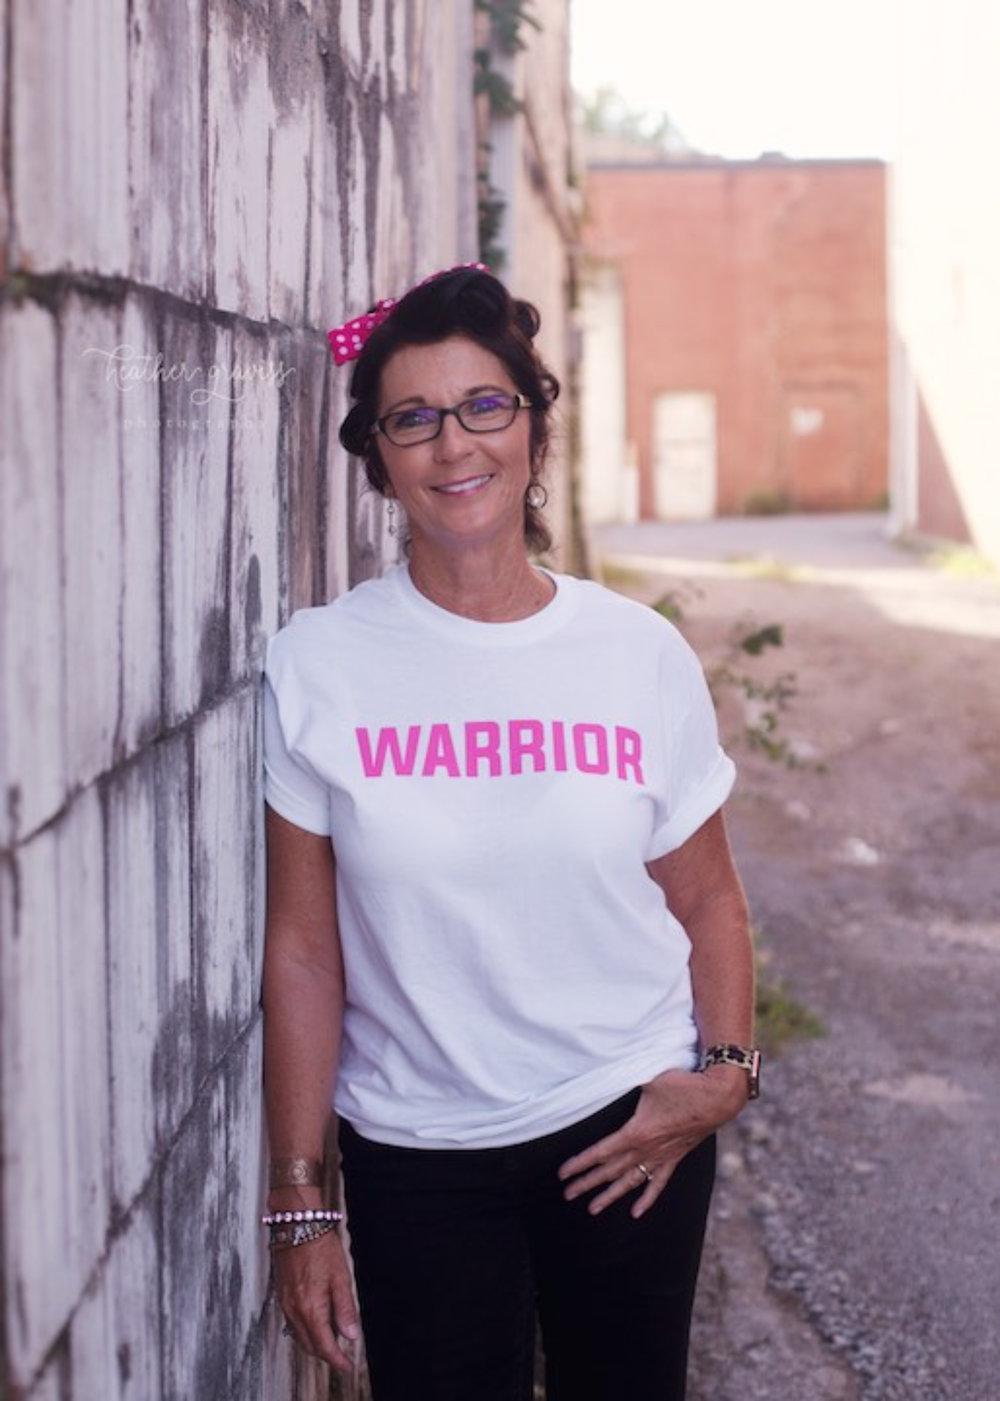 cancer-warrior.jpg